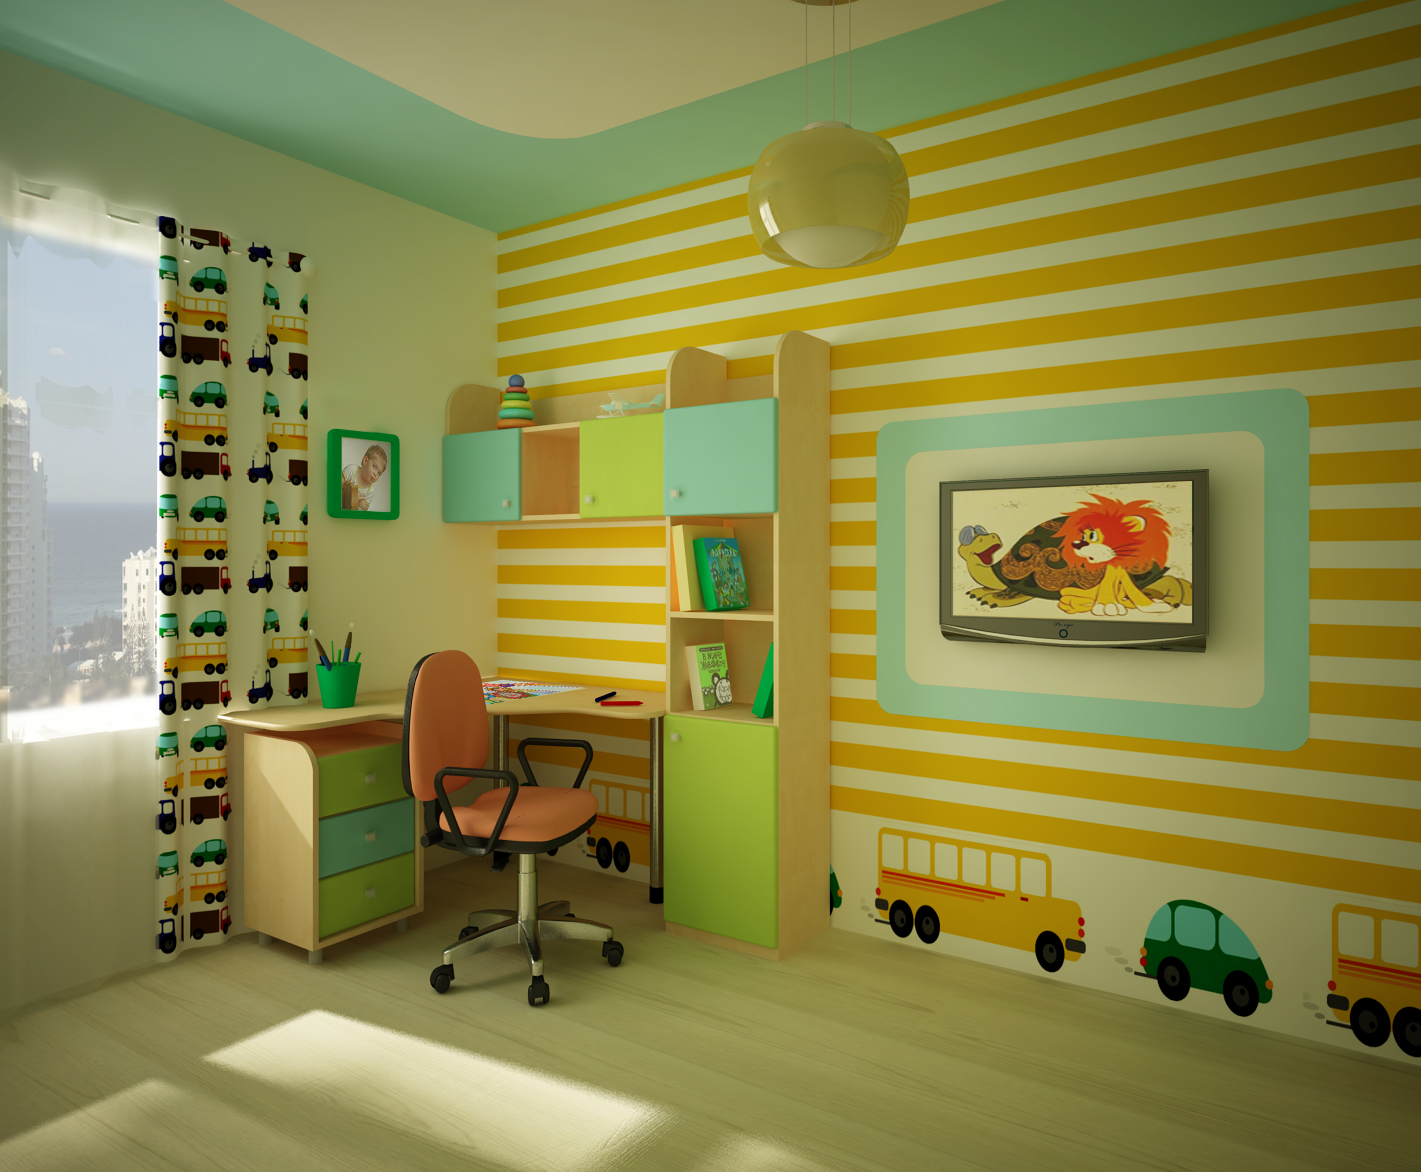 5 шагов правильного обустройства детской комнаты по системе Монтессори